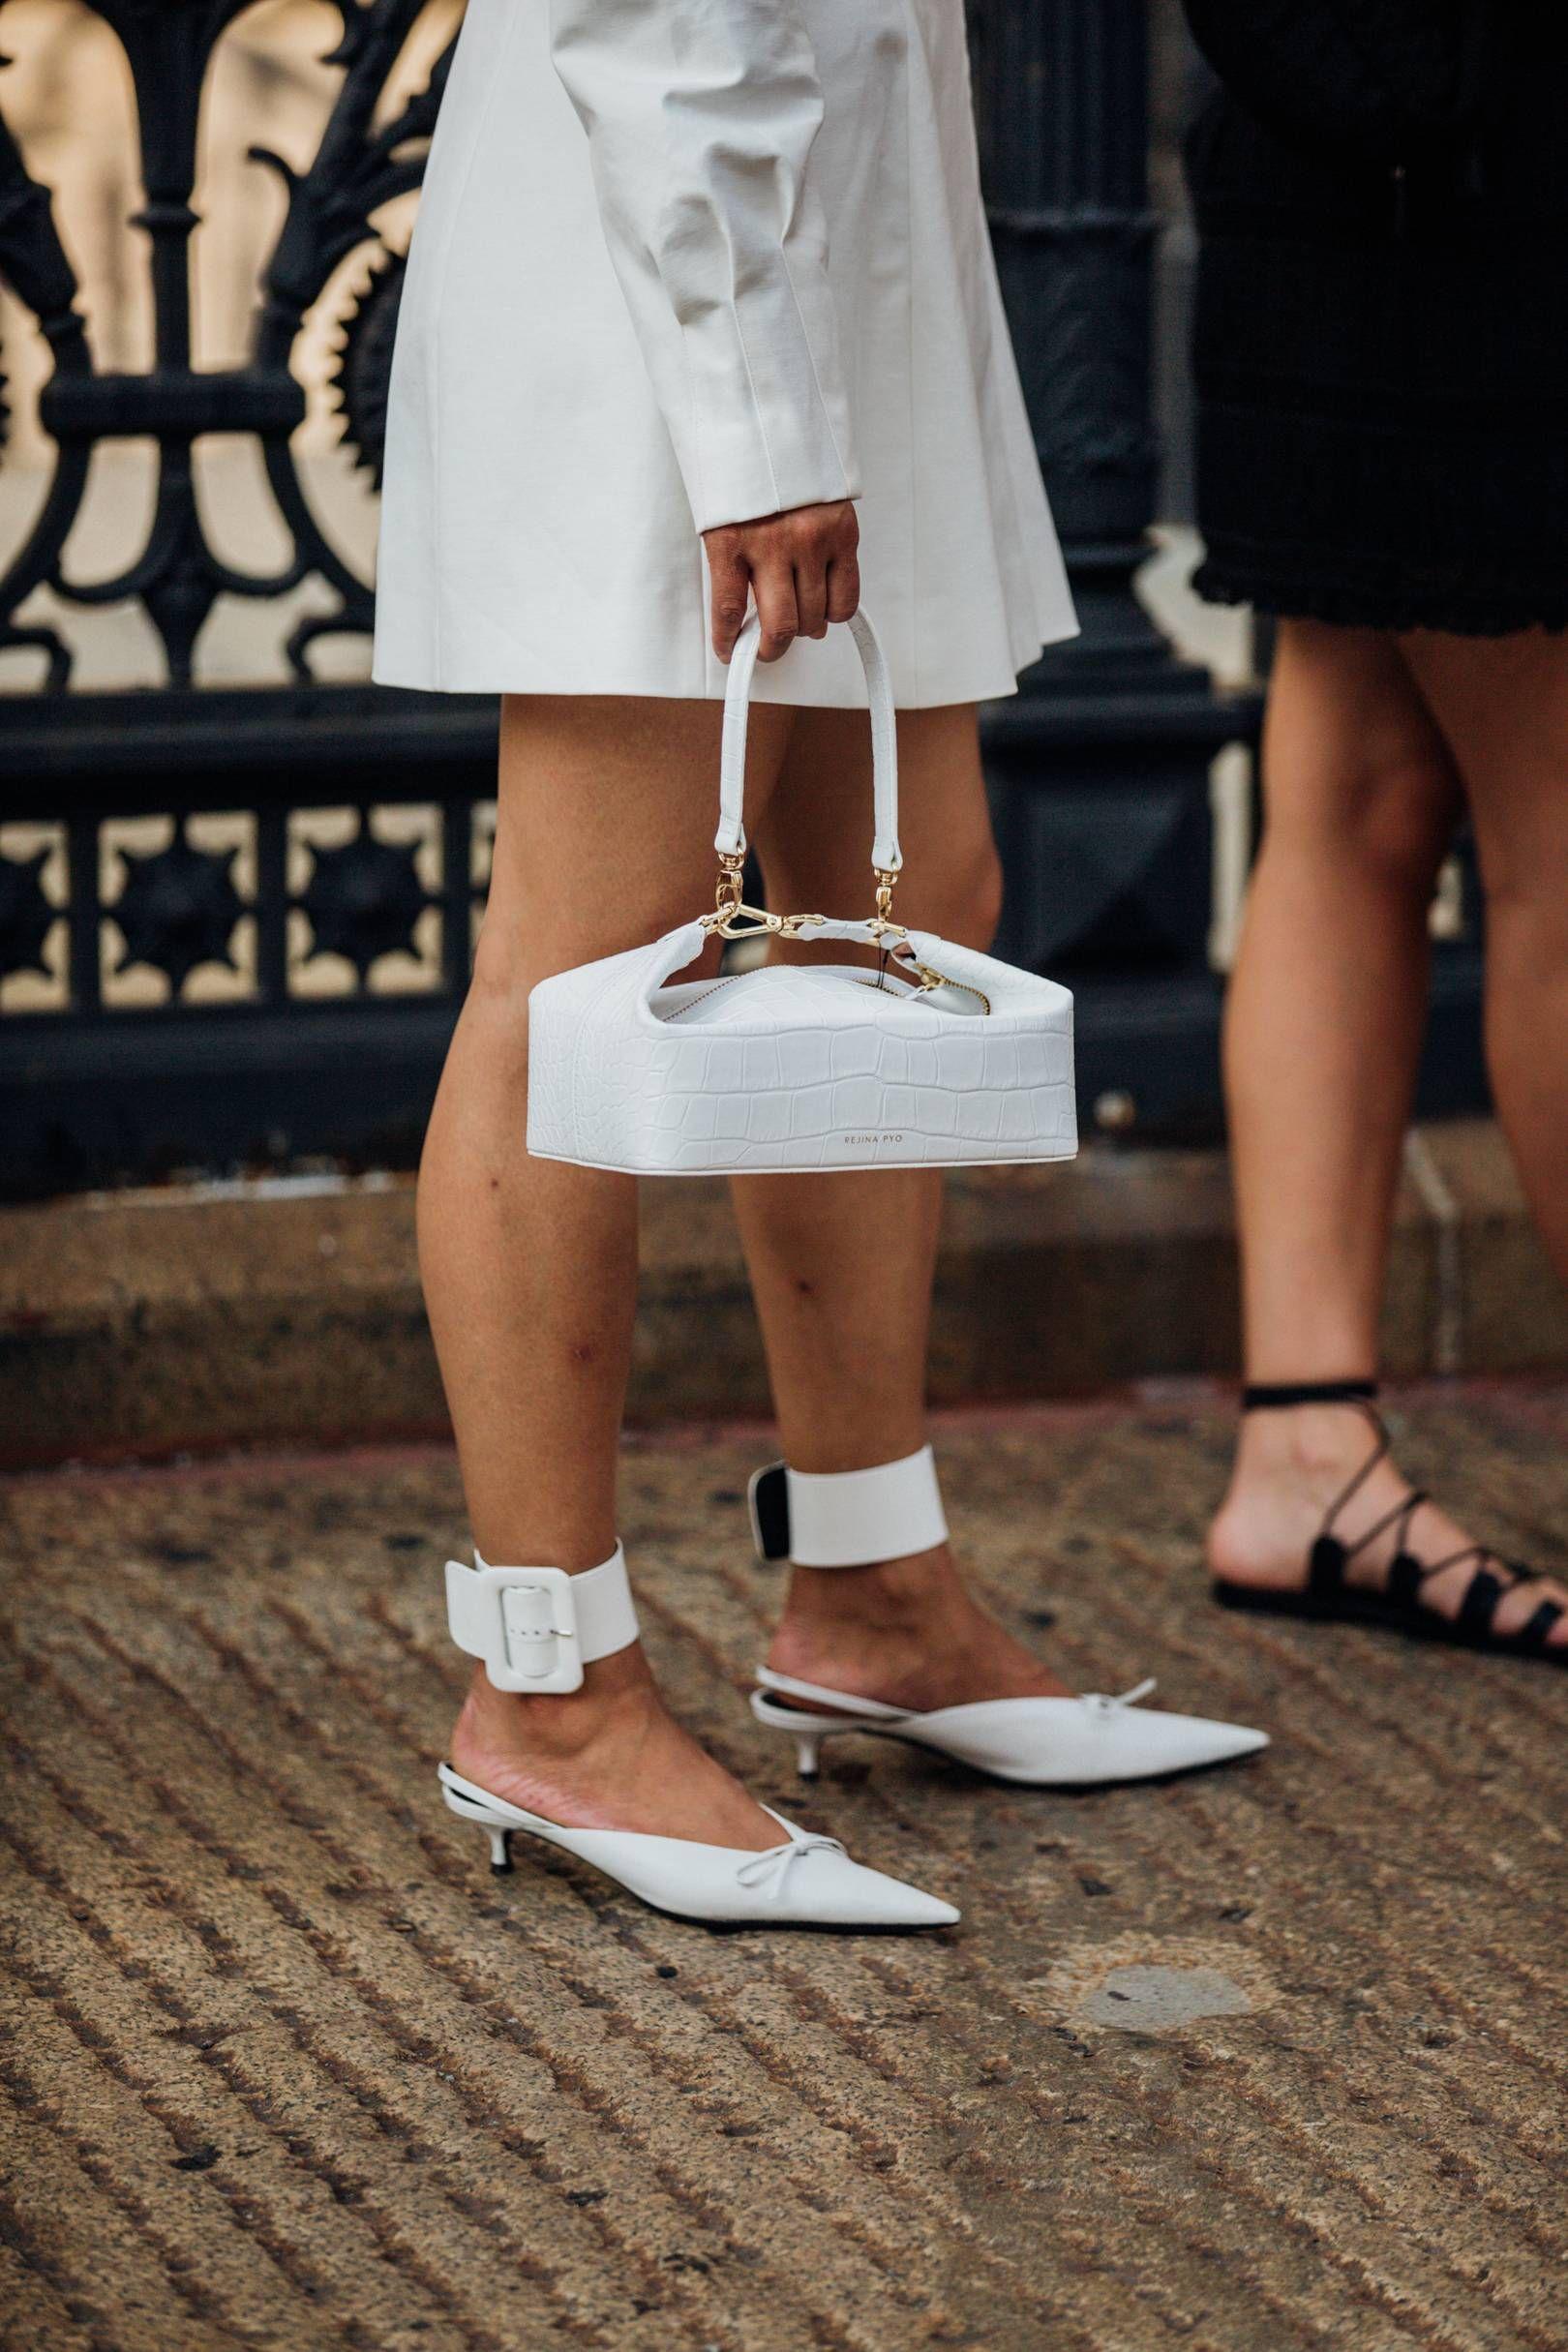 túi xách rejina pyo olivia bag màu trắng tuần lễ thời trang new york